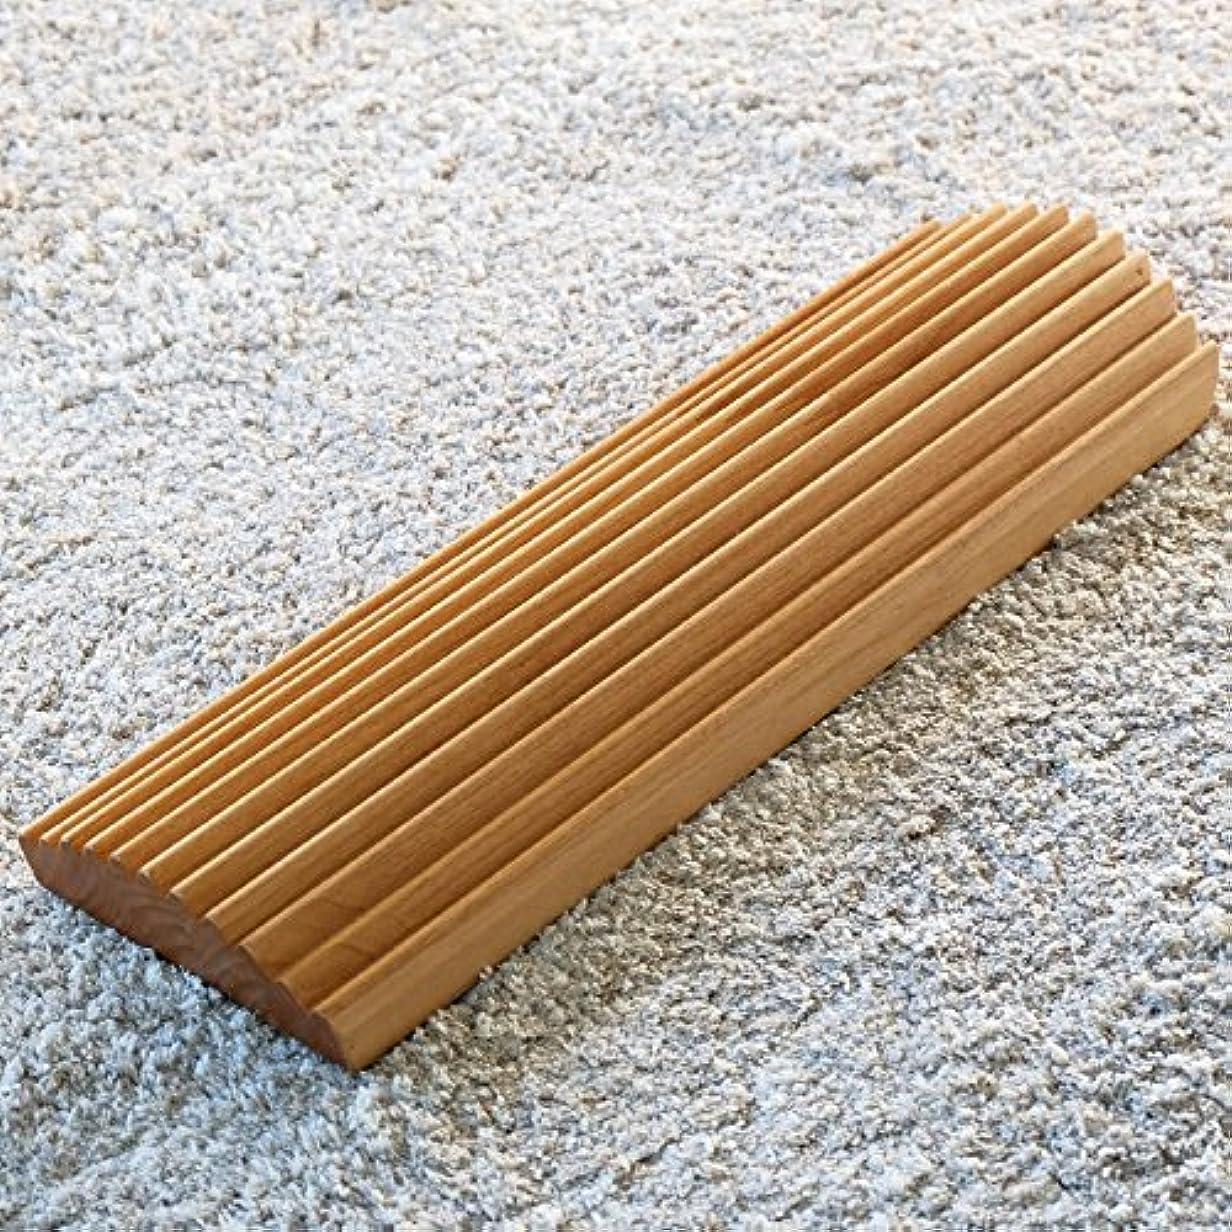 中に再編成する拒否ISSEIKI 足踏み アルダー材 幅40cm FIT ASIFUMI 40 (NA) フットケア 木製 おしゃれ プレゼント 指圧代用 FIT ASIFUMI 40 (AL-NA)